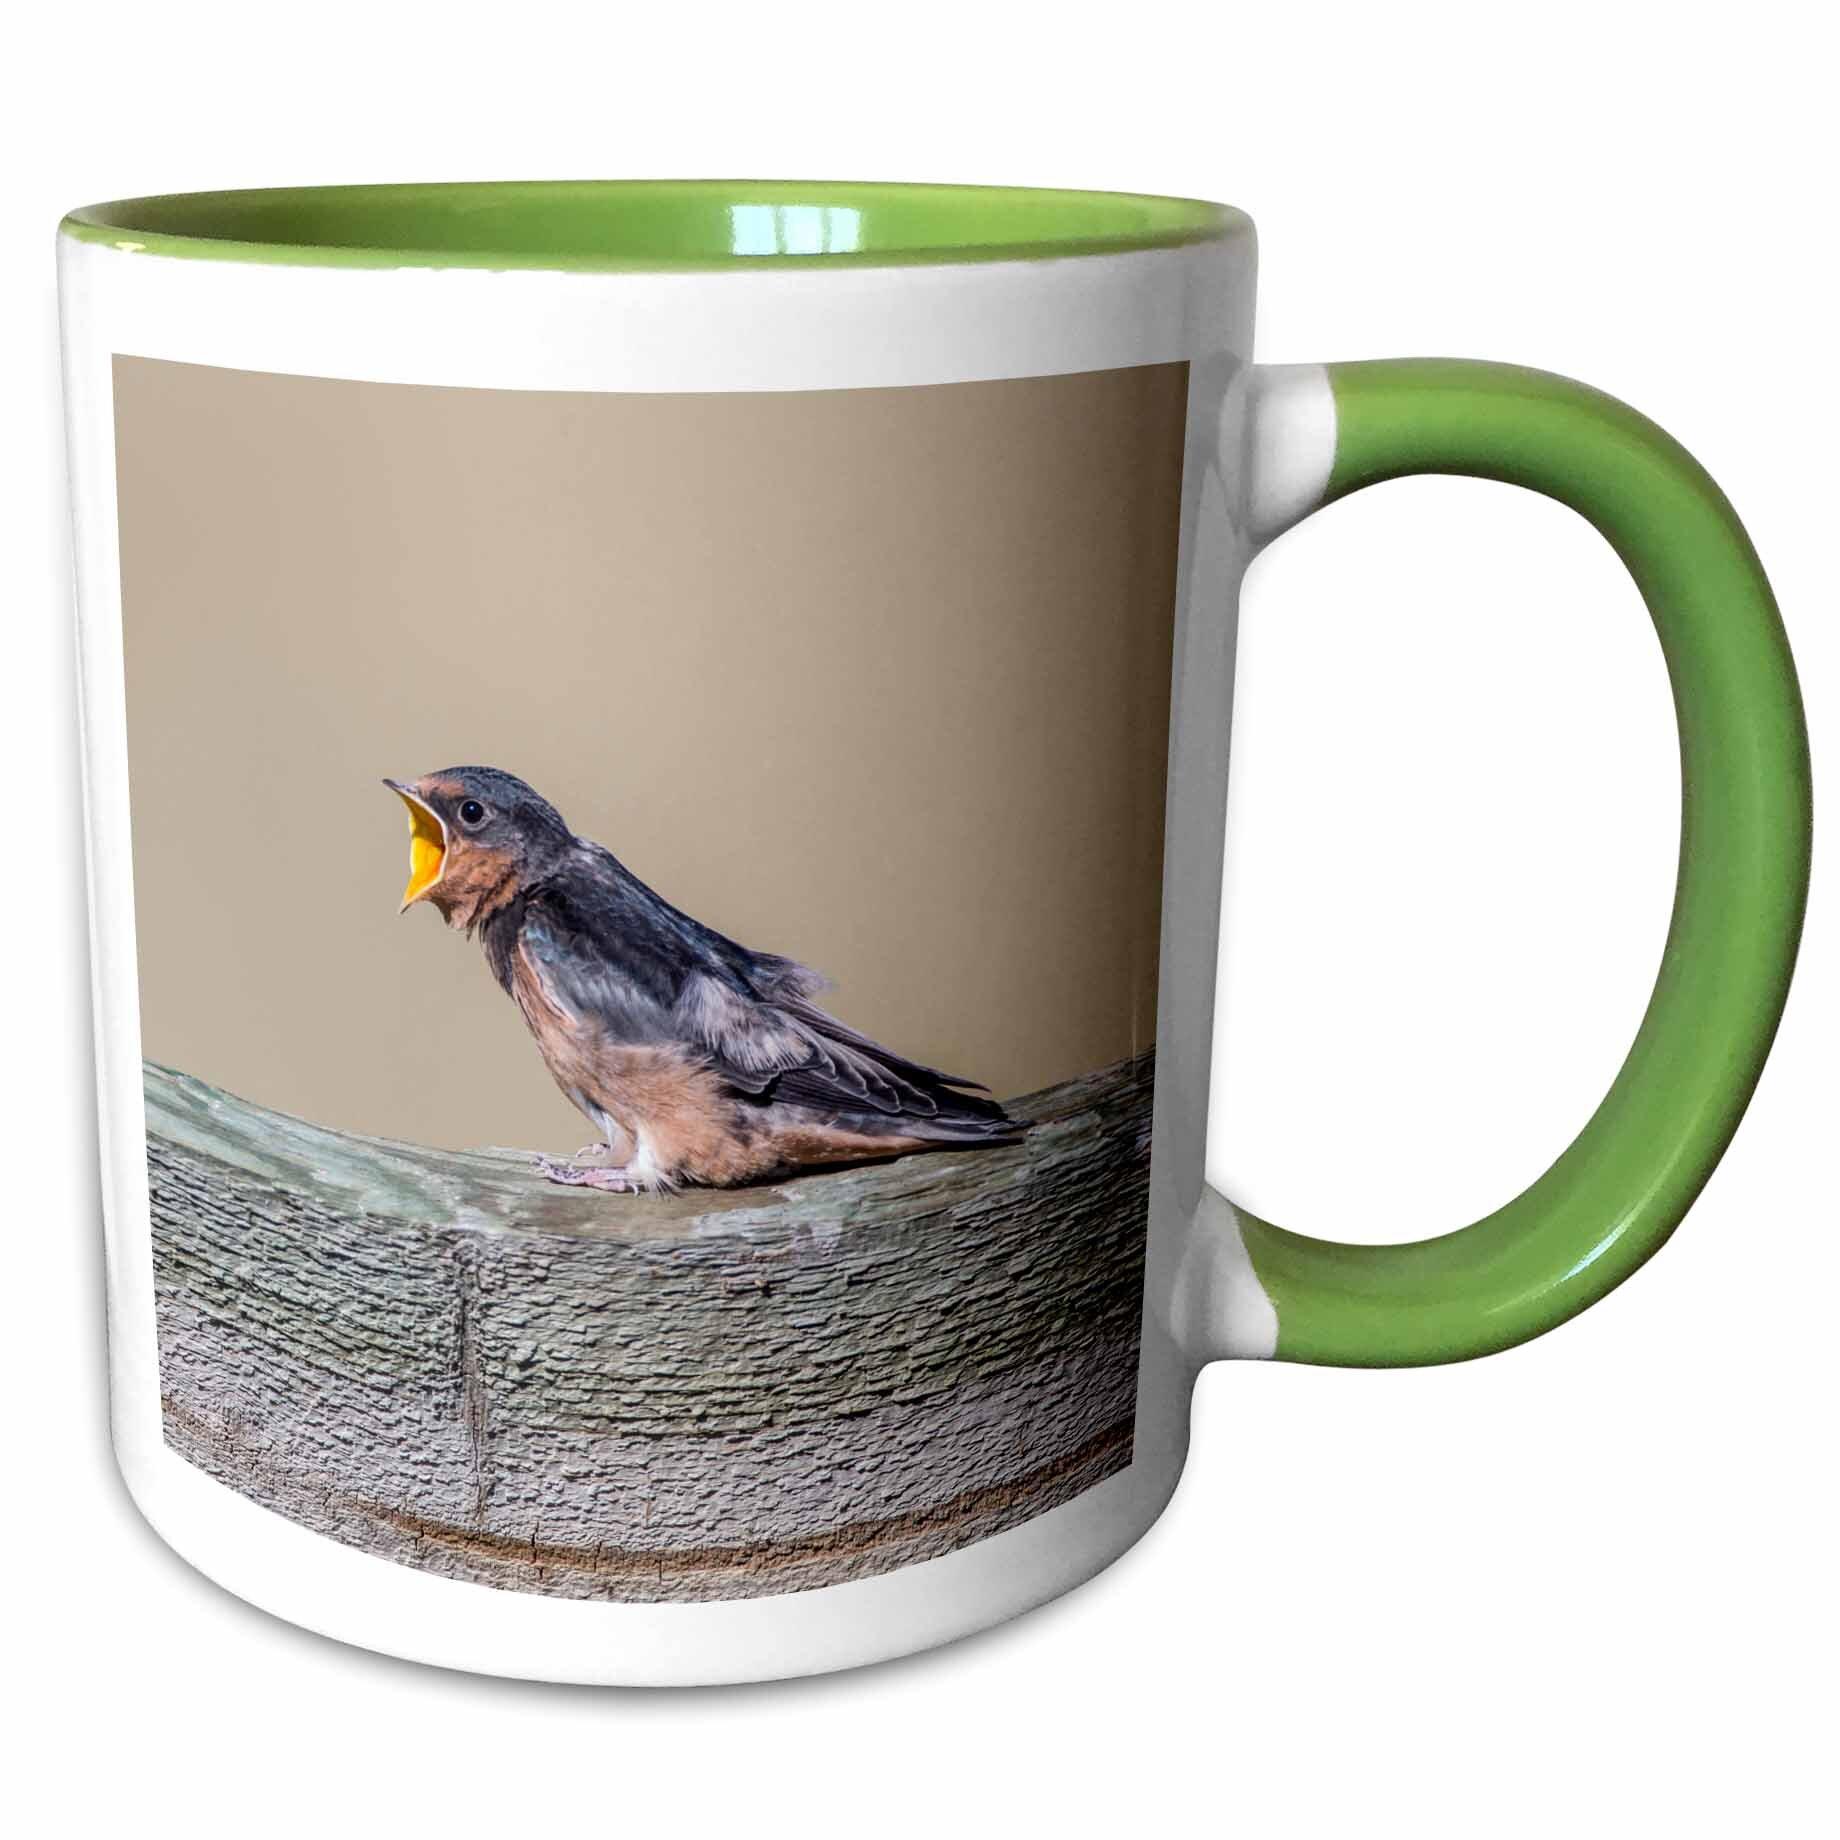 Loon Peakâ Mugs Teacups From 30 Until 11 20 Wayfair Wayfair